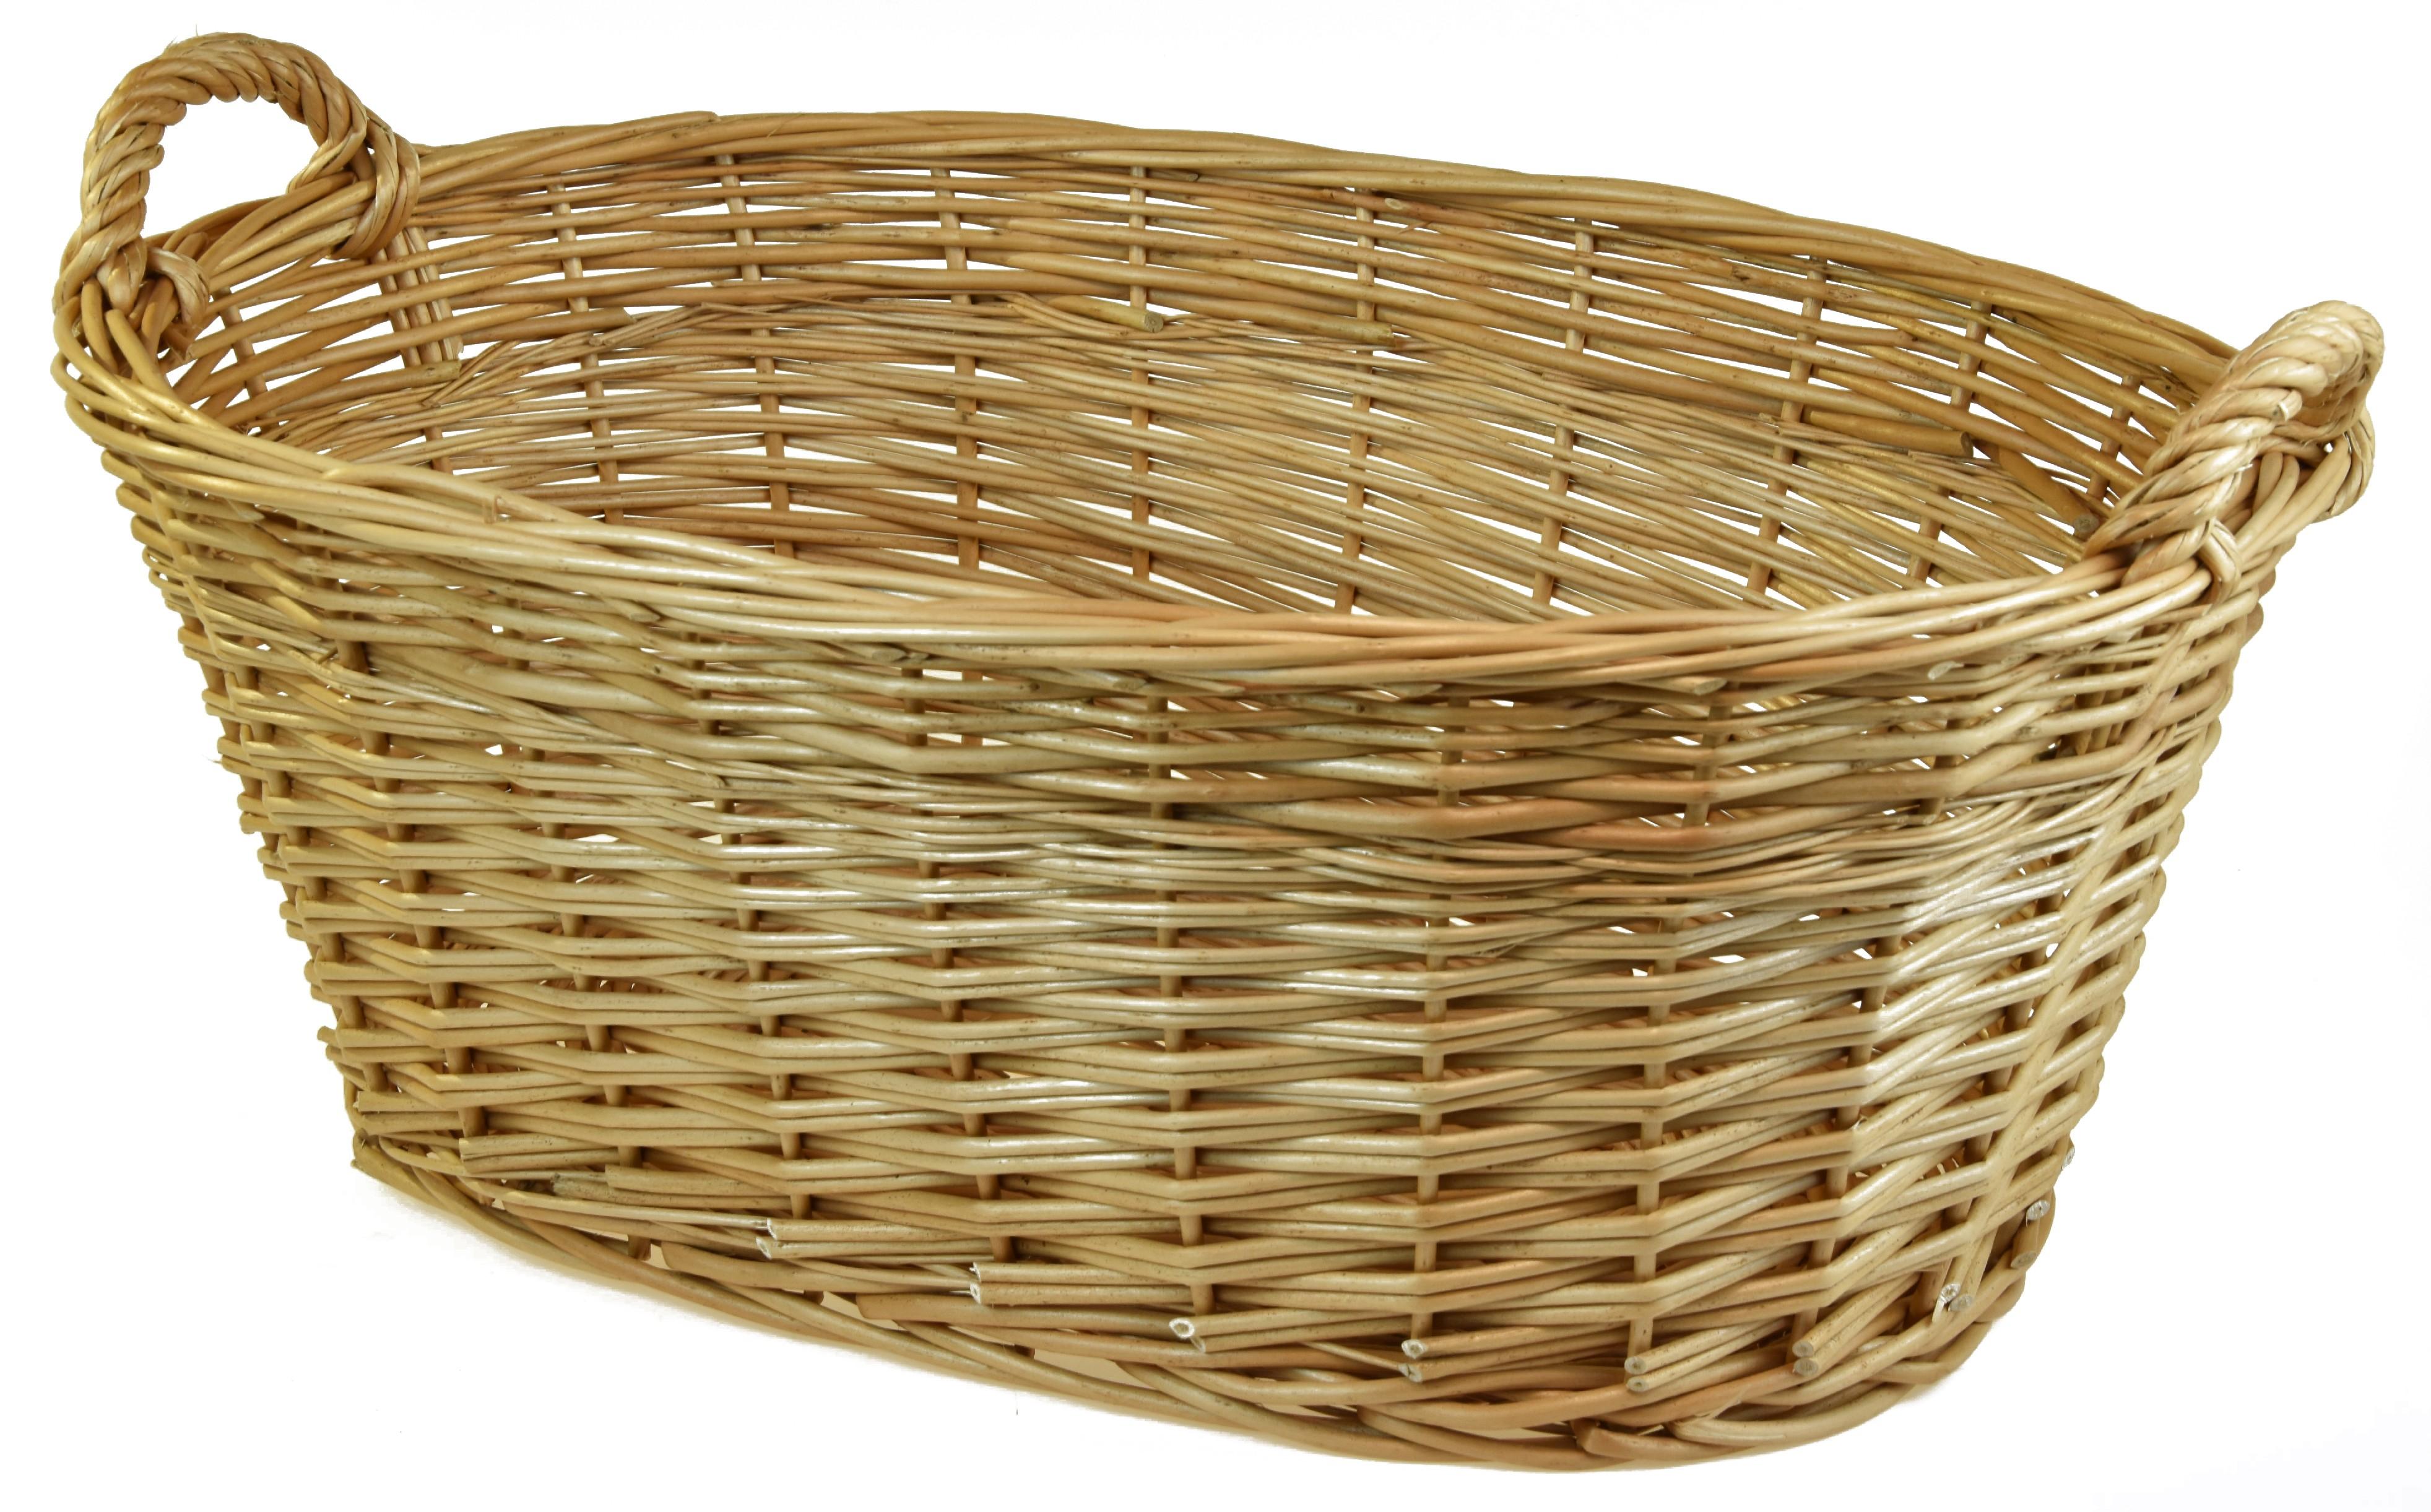 Proutěný koš na čisté prádlo Rozměry (cm): 60 x 42 cm, výška opletu 22 cm